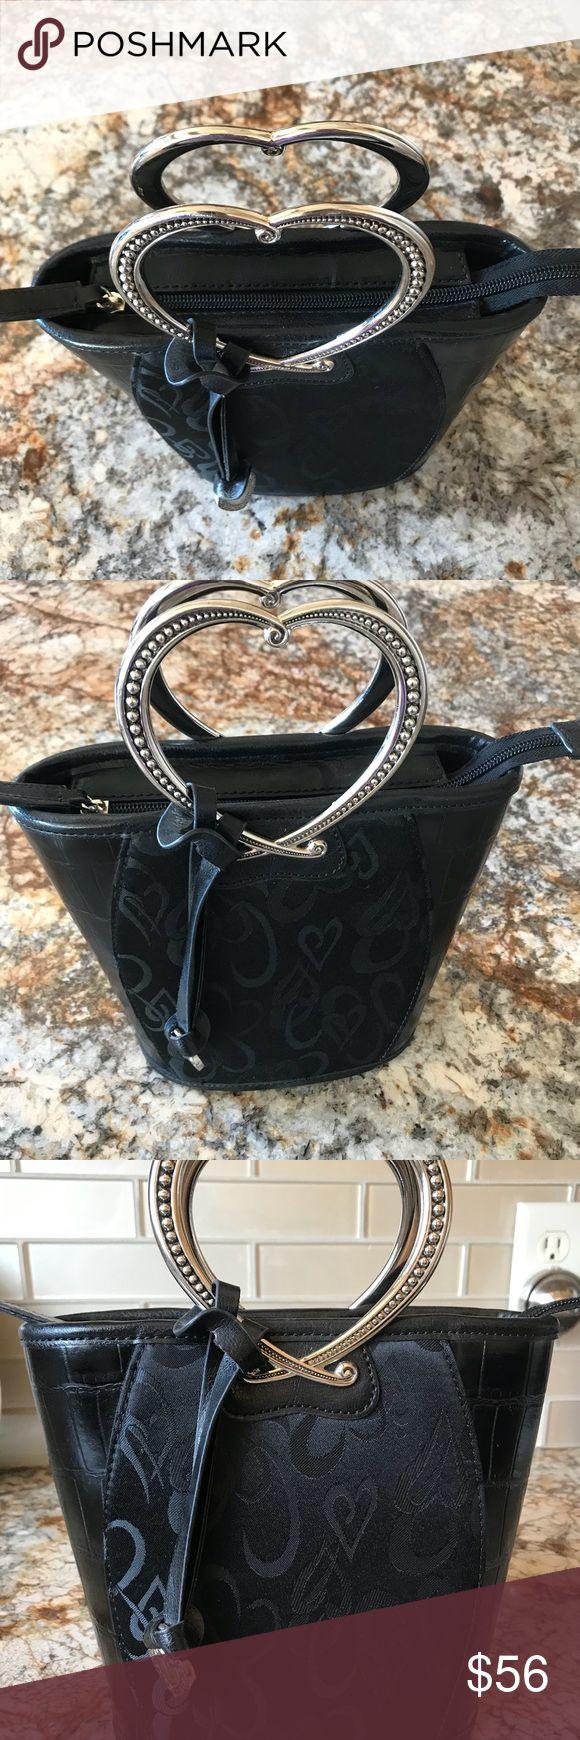 Brighton purse Brighton purse in mint condition. Brighton Bags